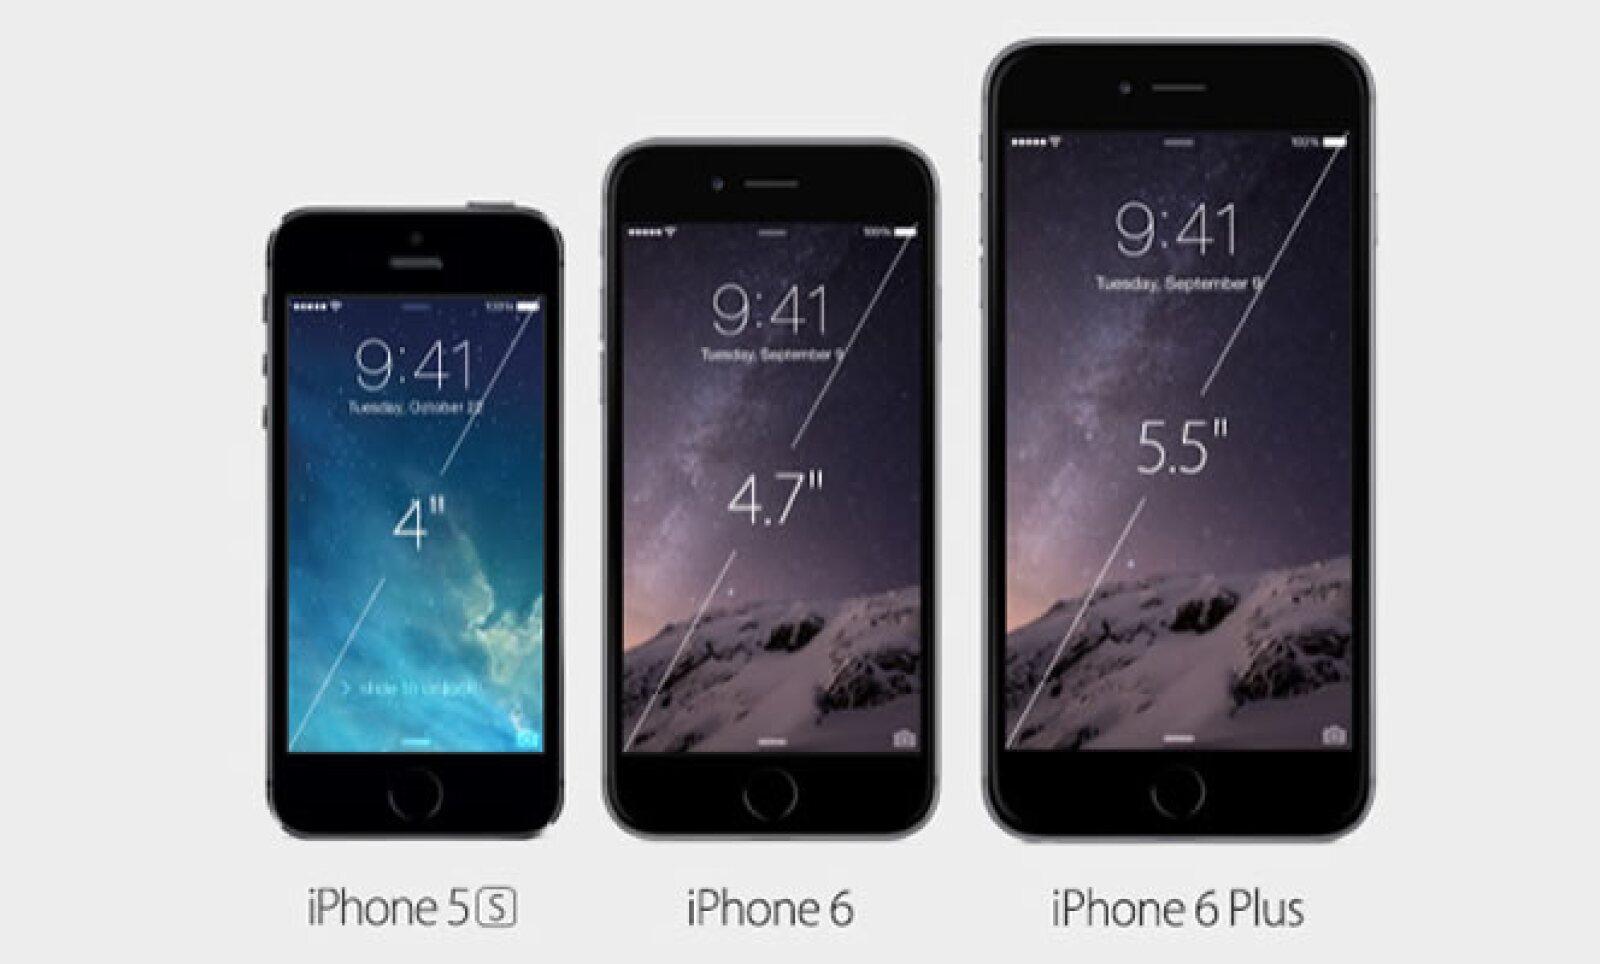 El iPhone seis tiene pantalla de 4.7 pulgadas, y el Plus de 5.5 pulgadas.